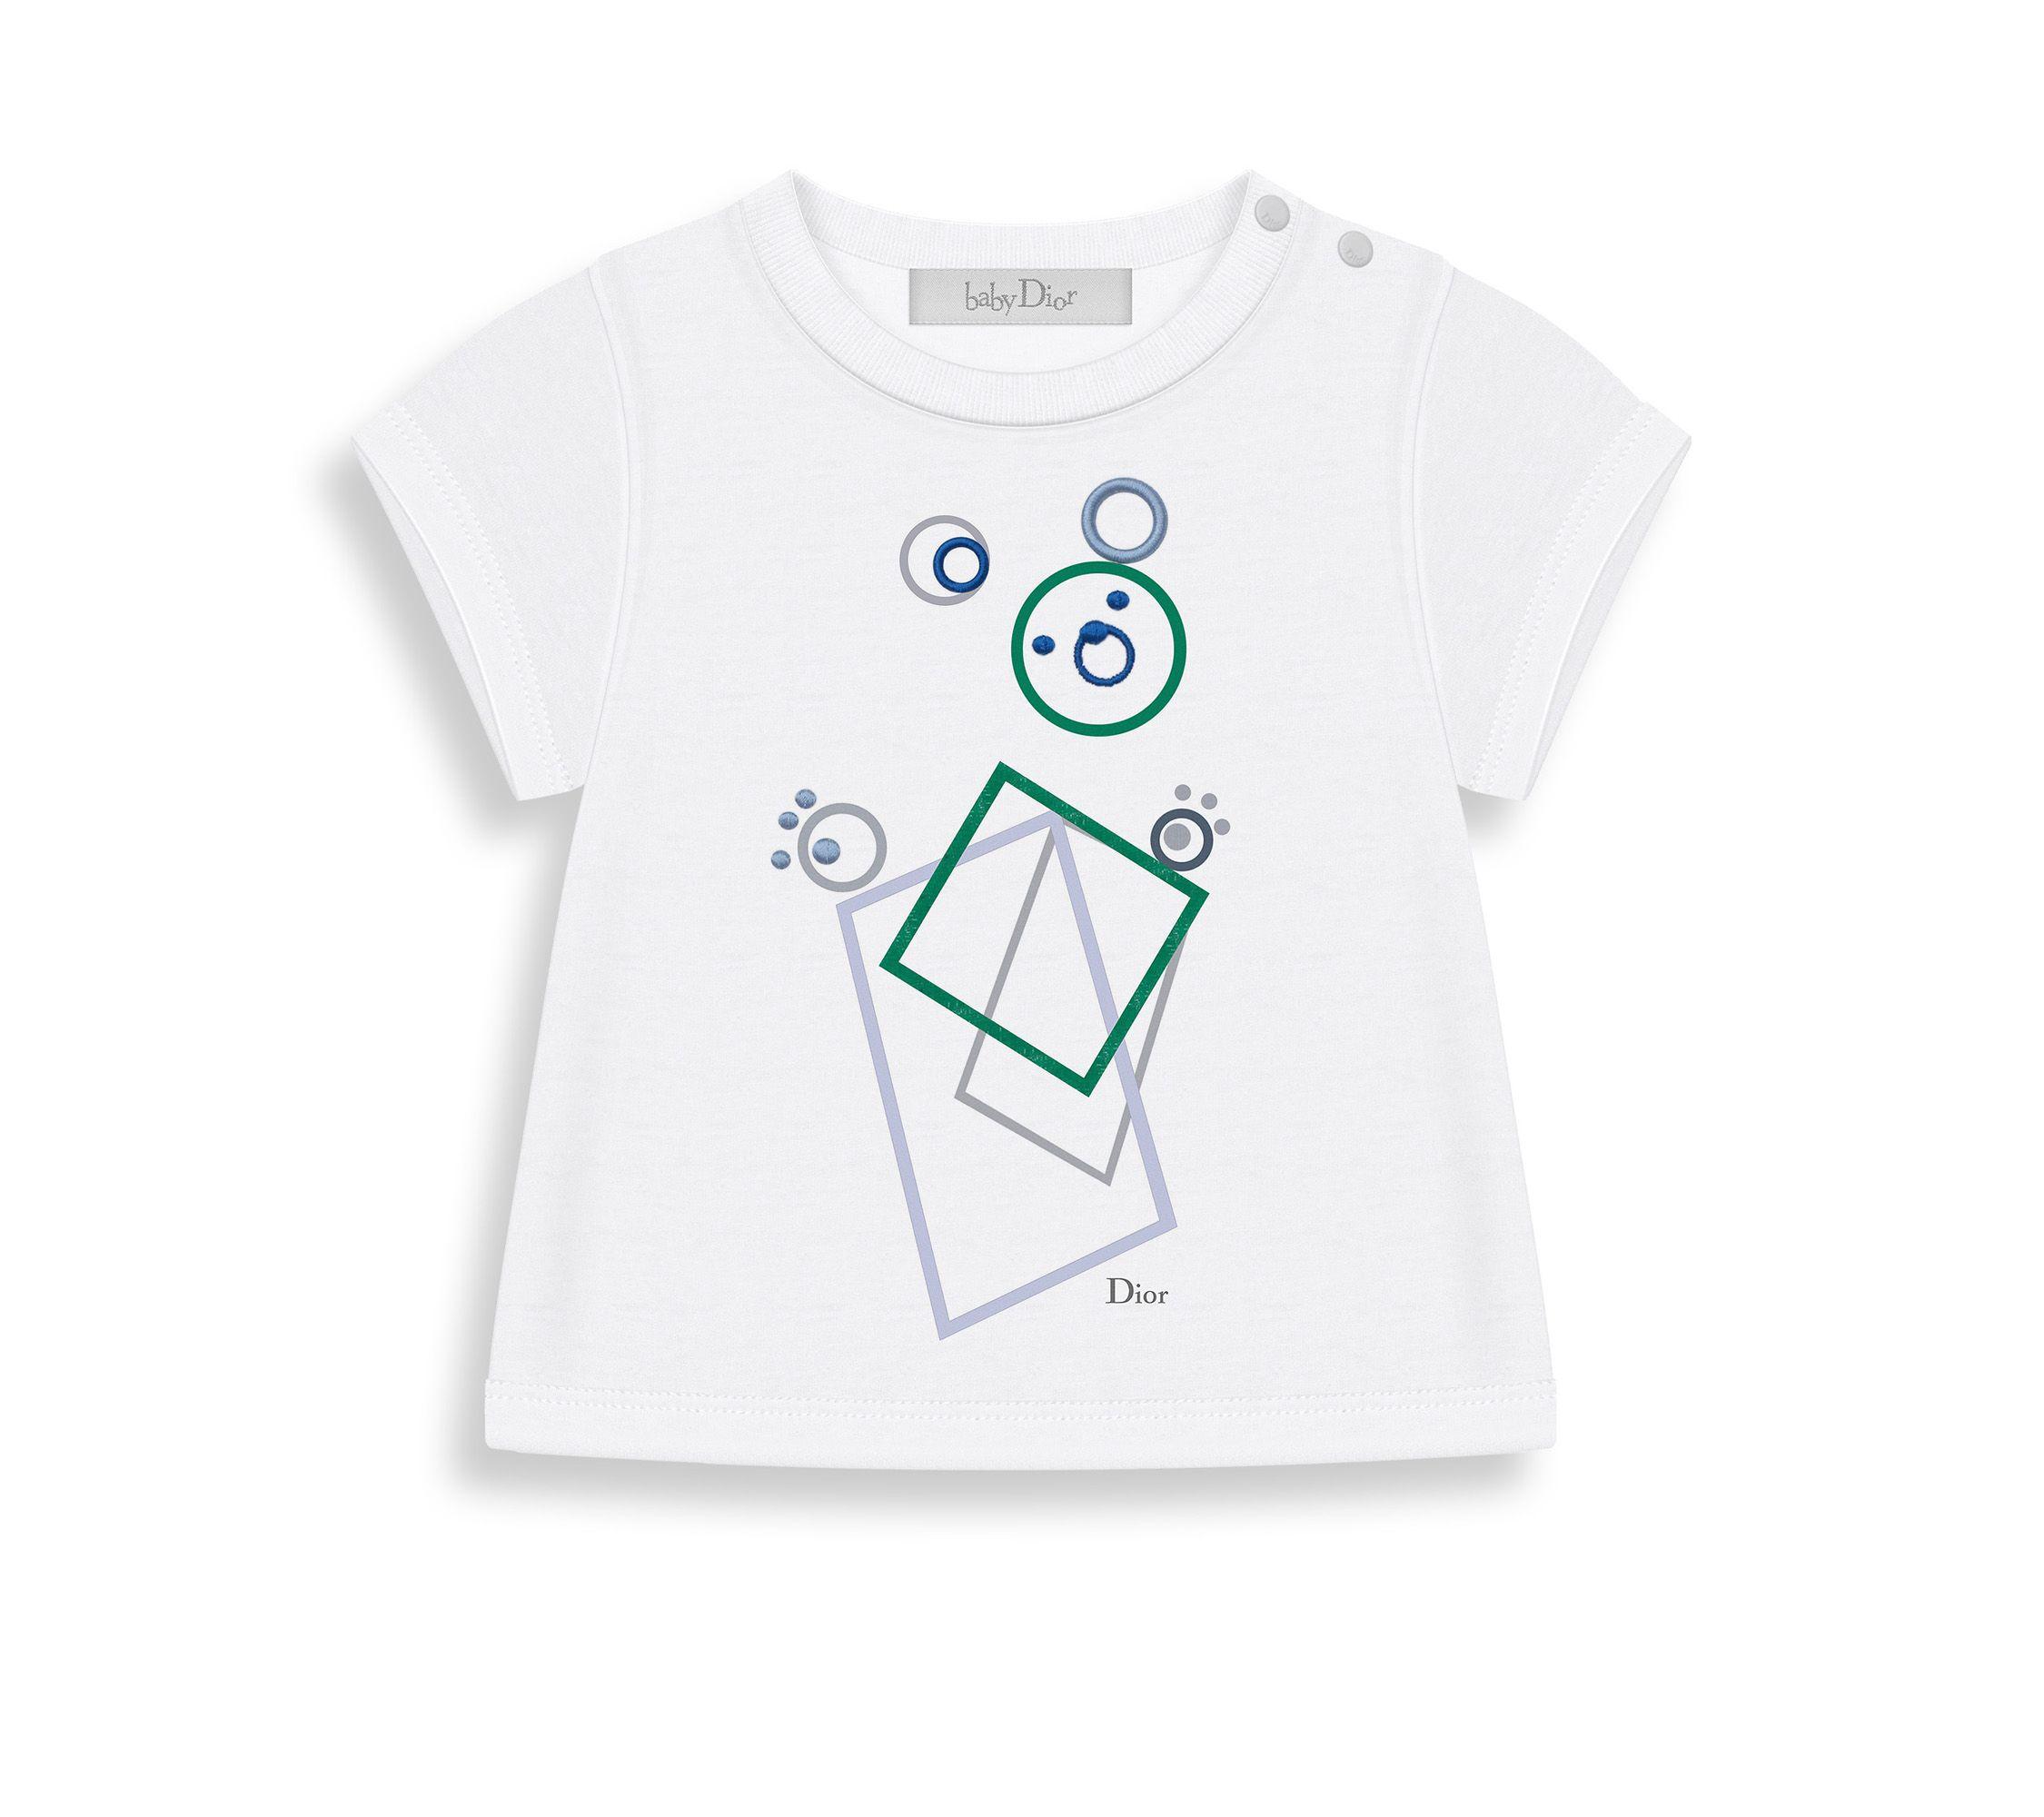 876c4e5700942 Tee-shirt manches longues en jersey de coton imprimé - Dior   Bébé ...